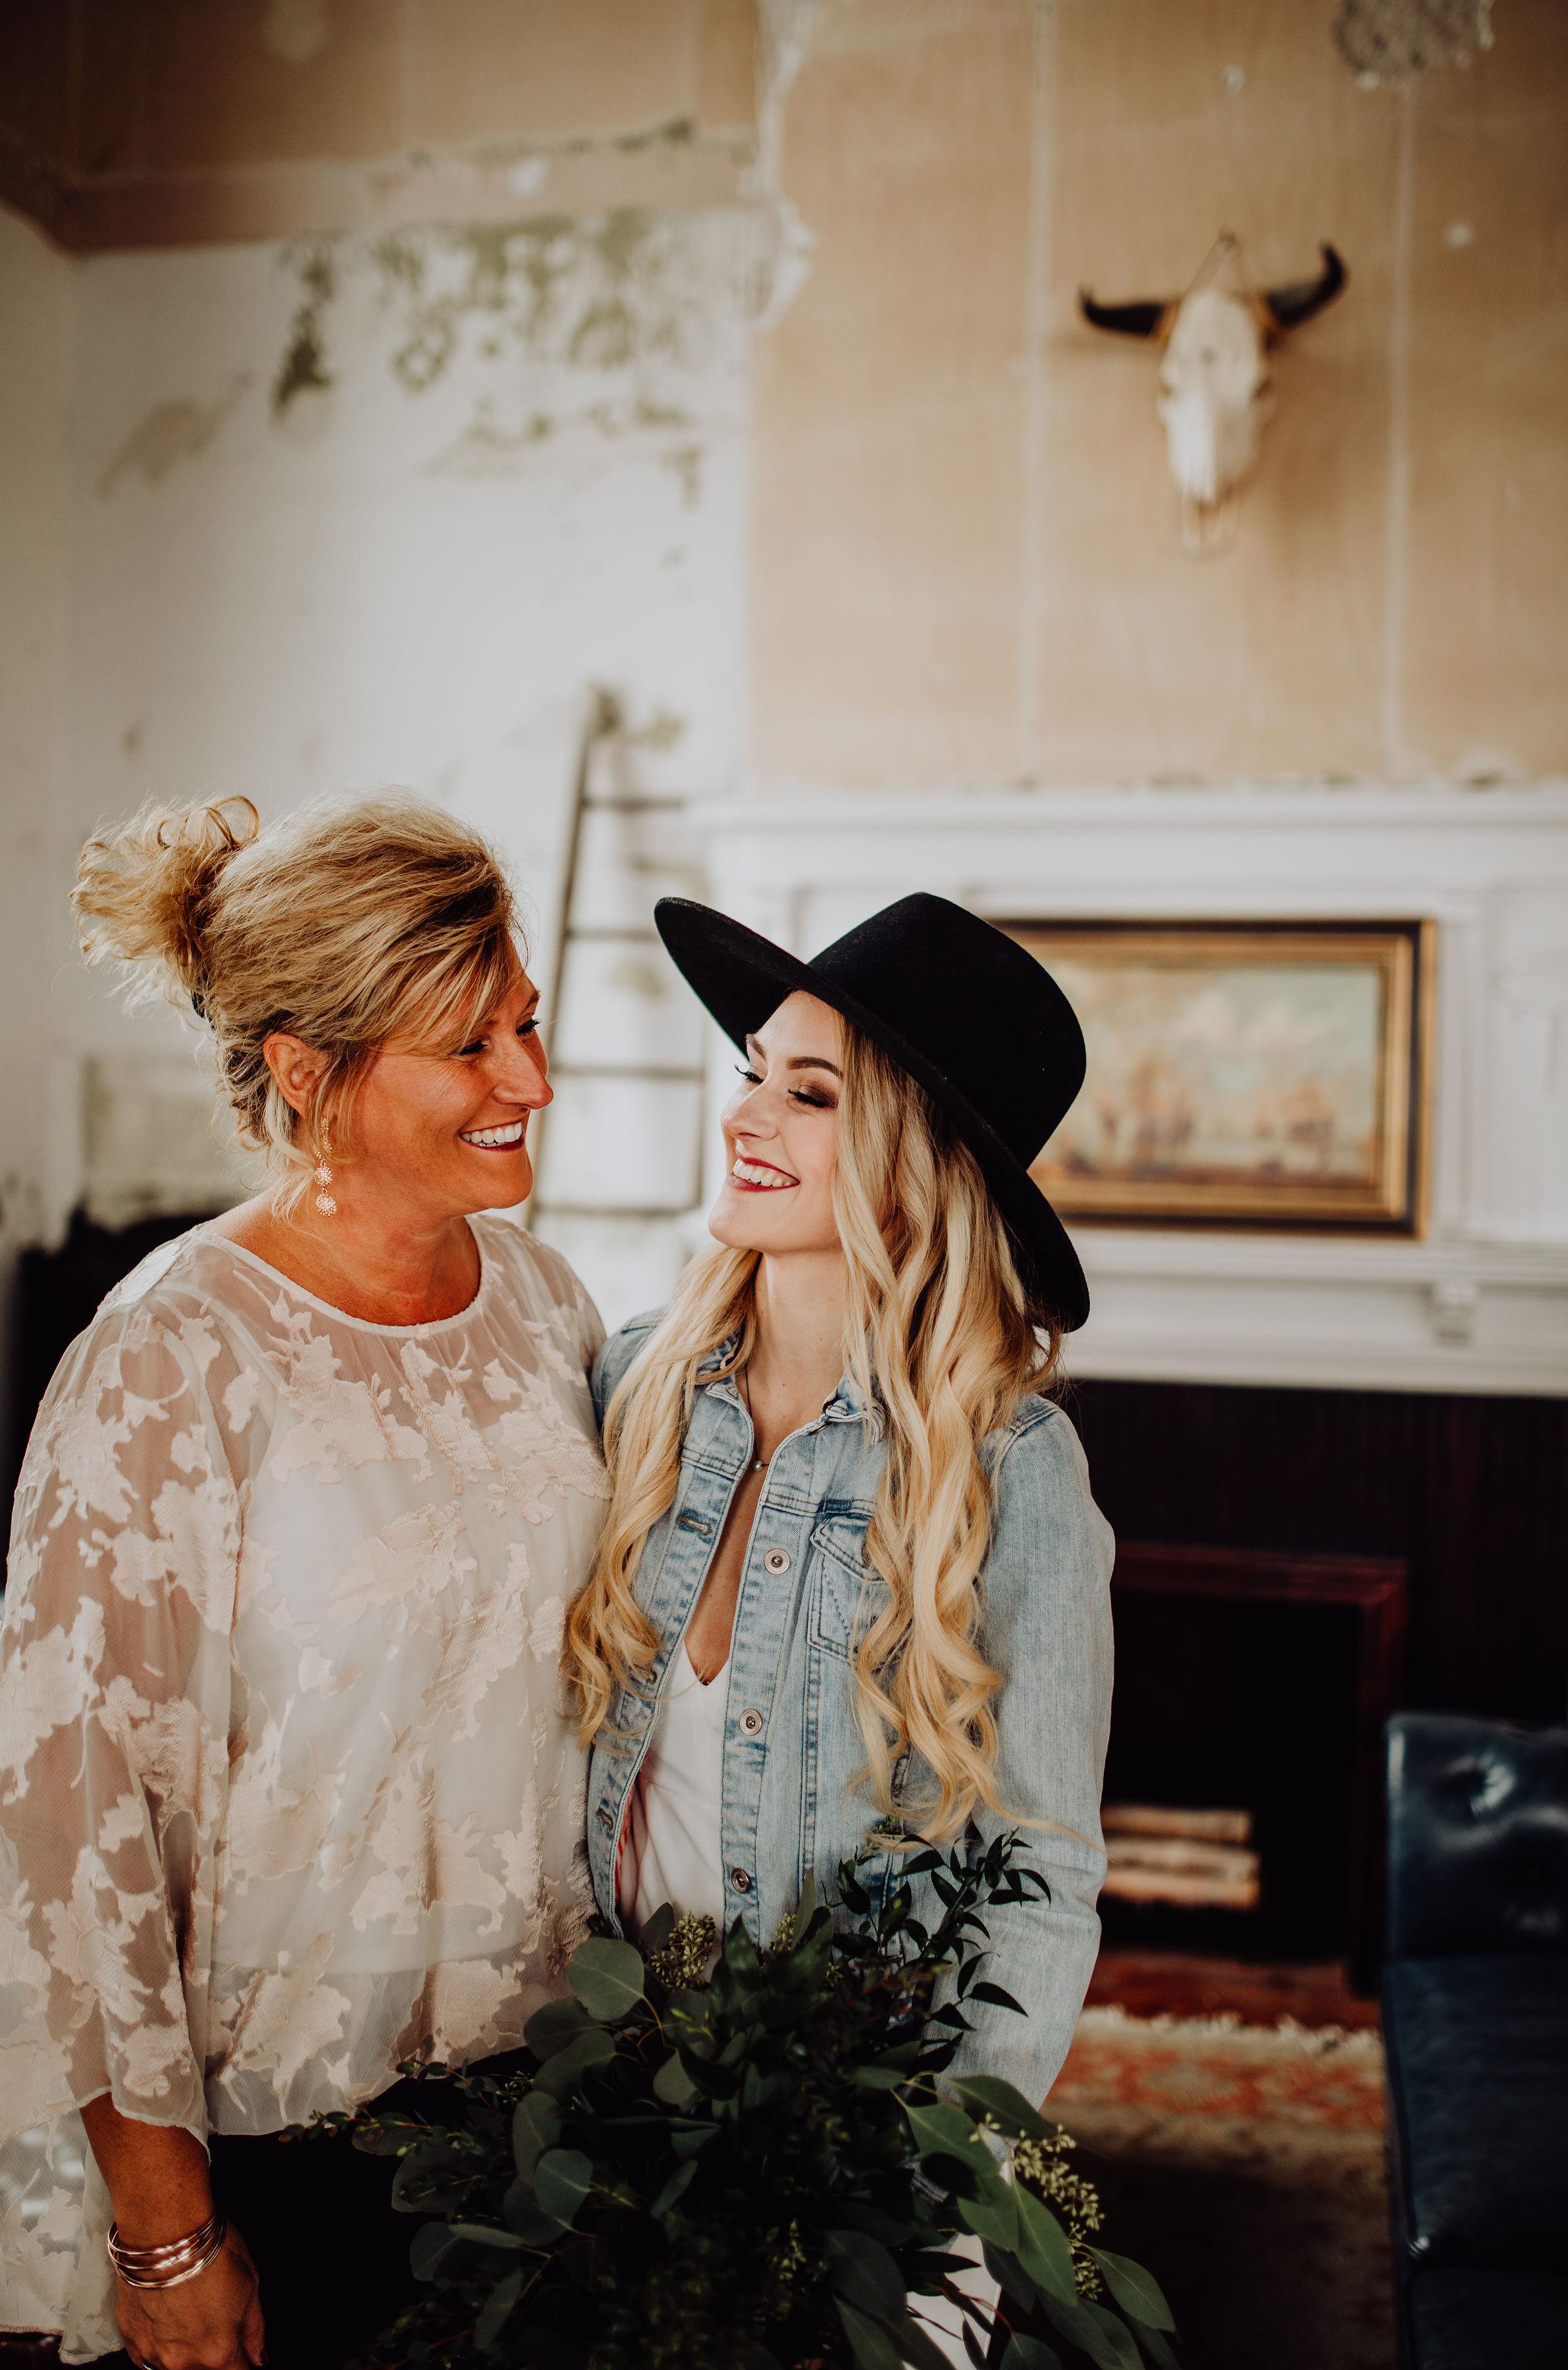 Mother's Day Gift Ideas | Miranda Schroeder Blog | www.mirandaschroeder.com